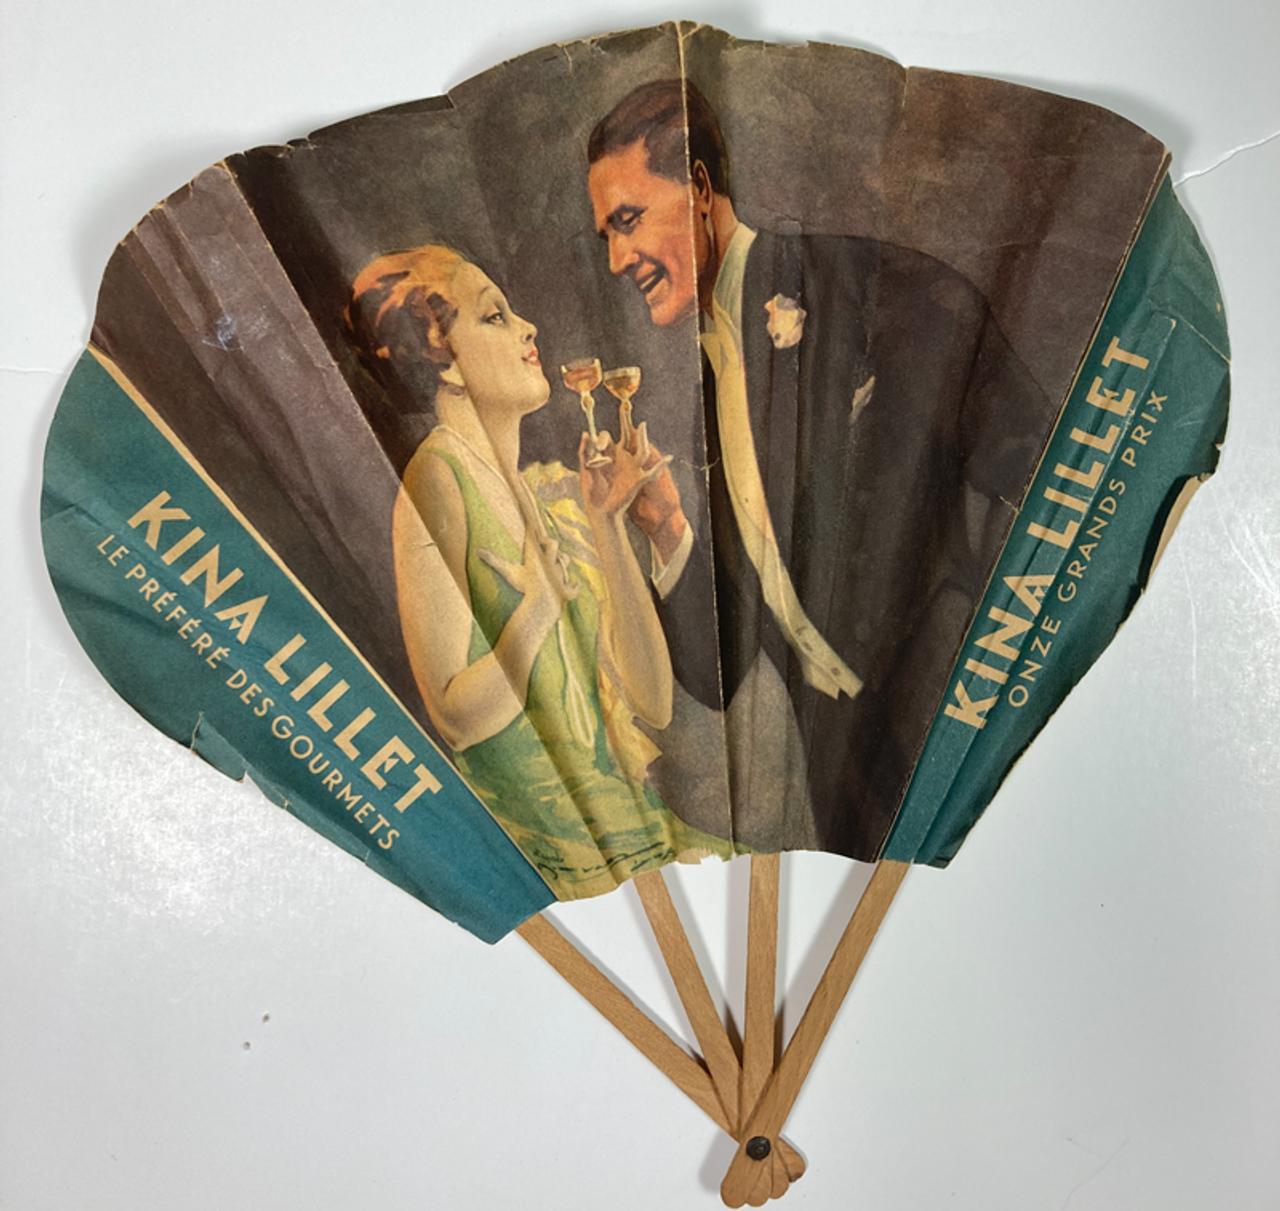 Original antique advertising fan for Kina Lillet for sale